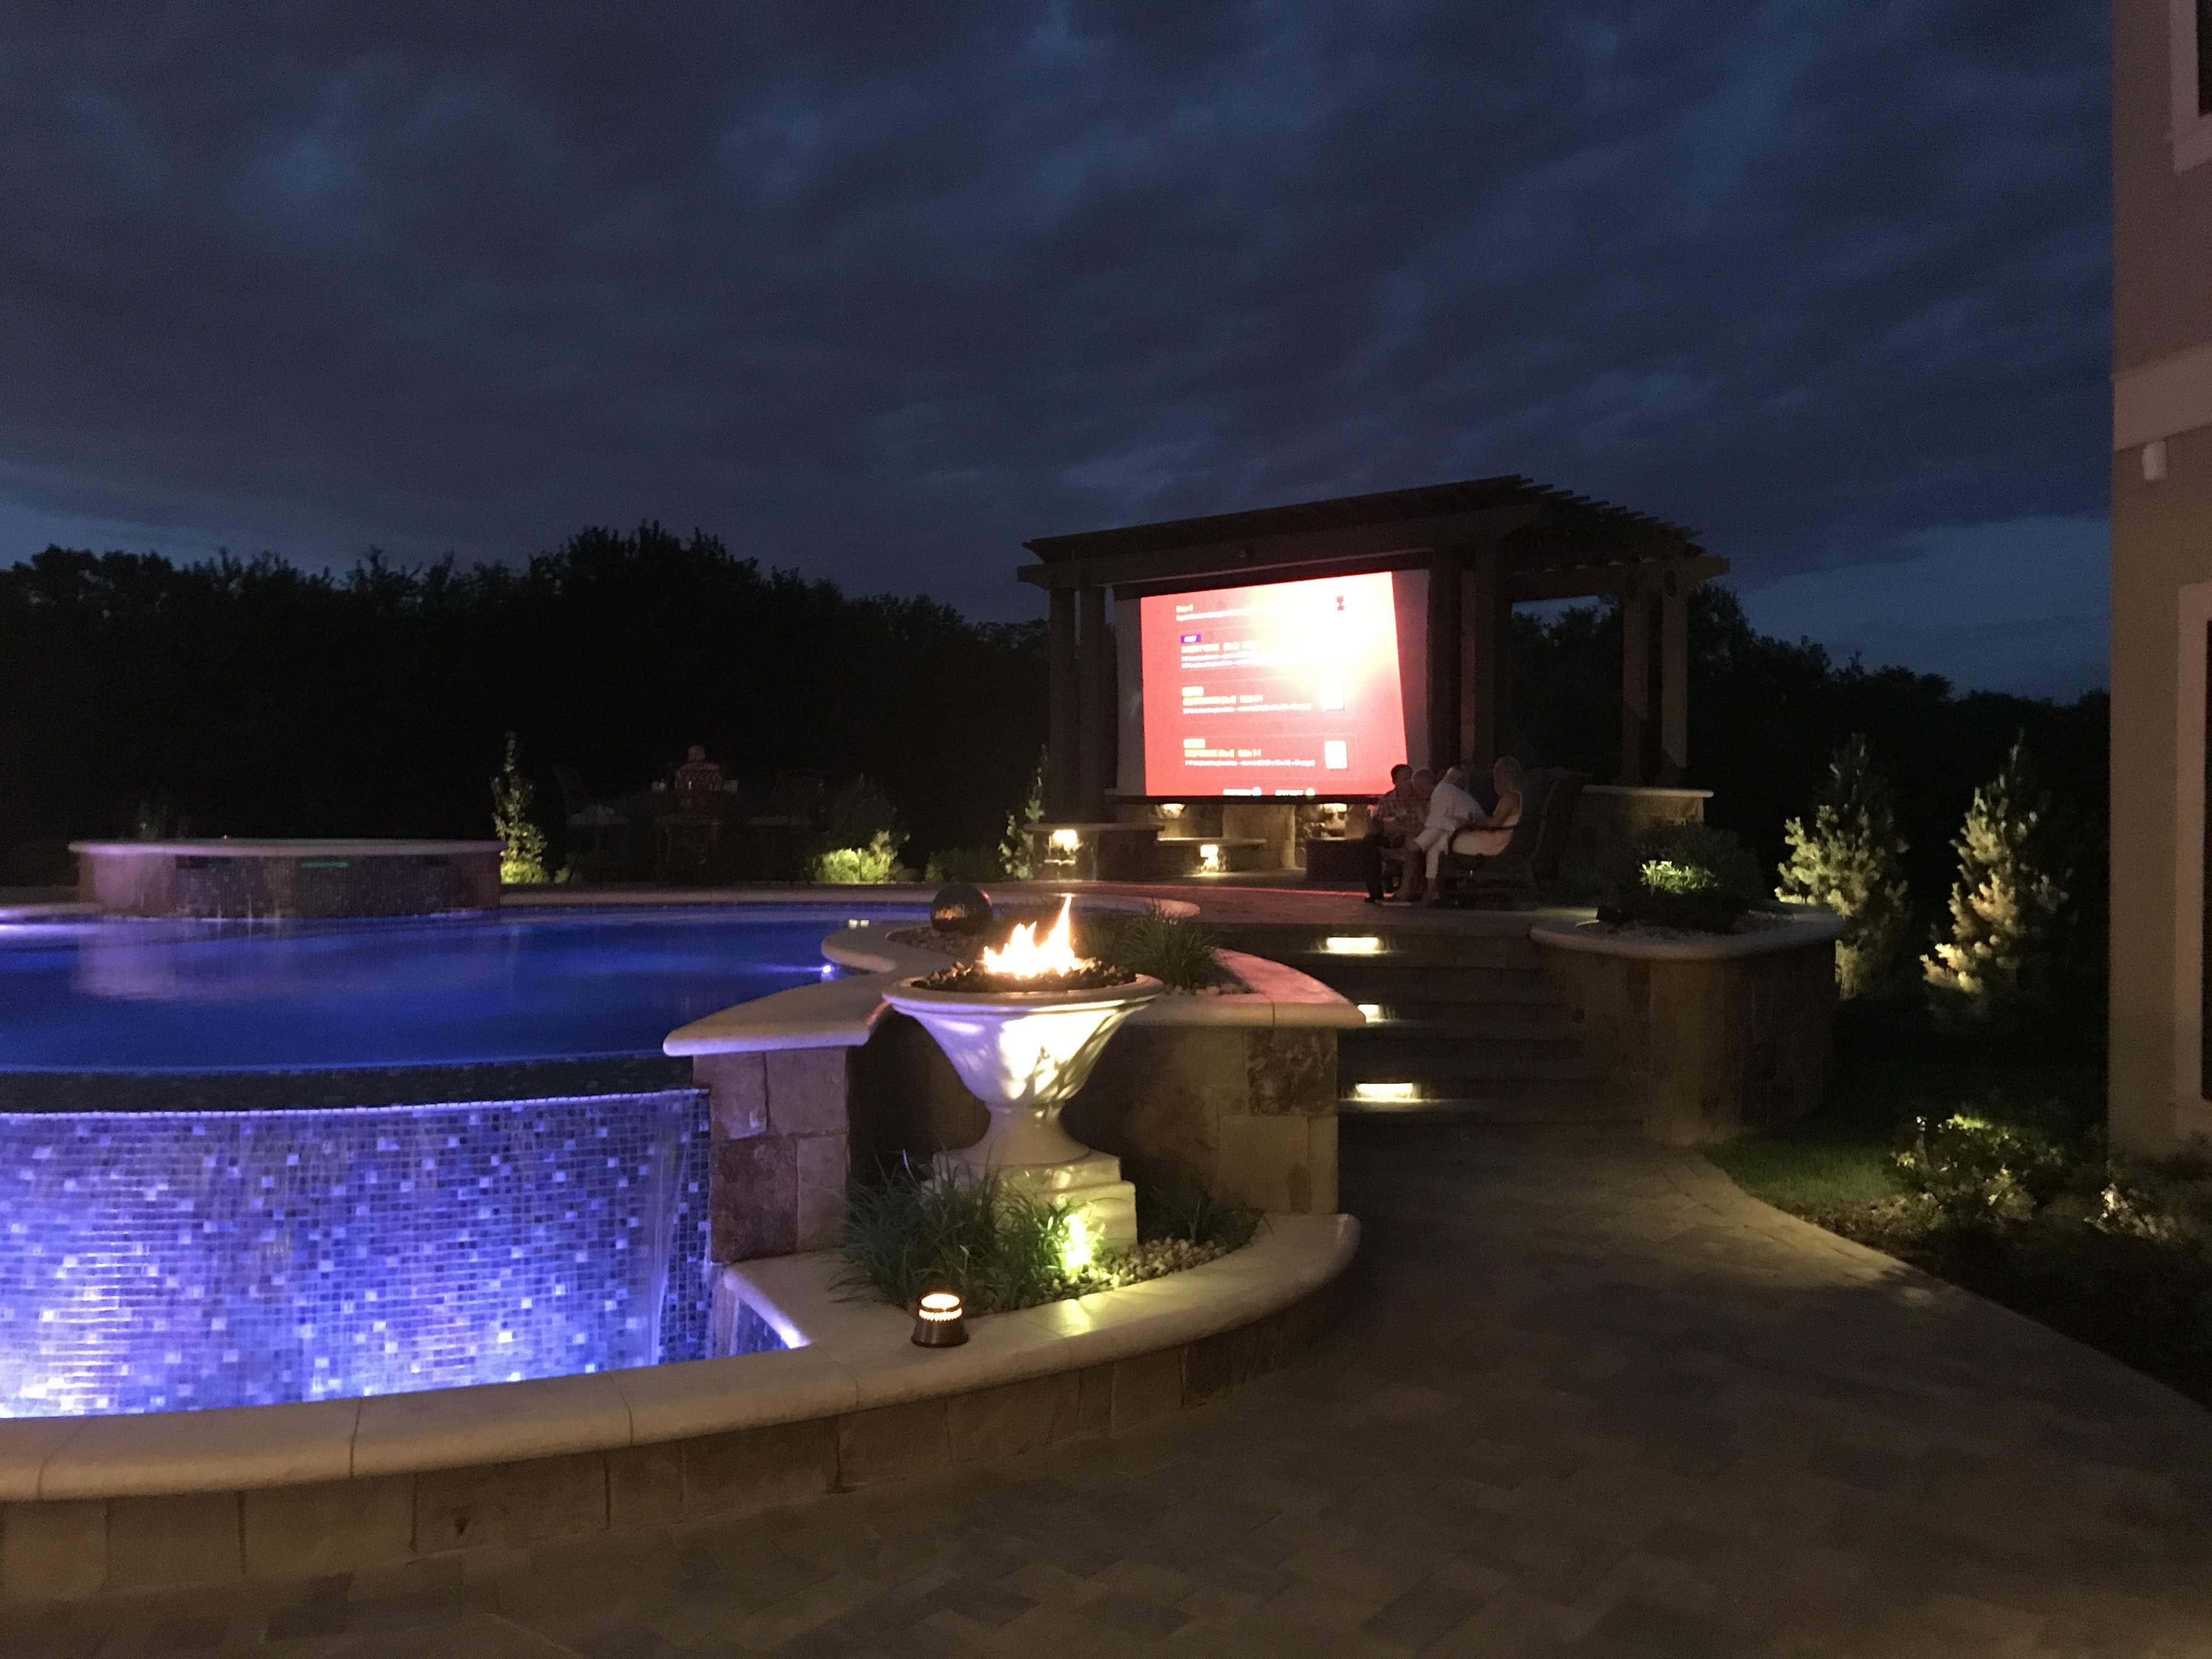 Outdoor poolside tv screen.